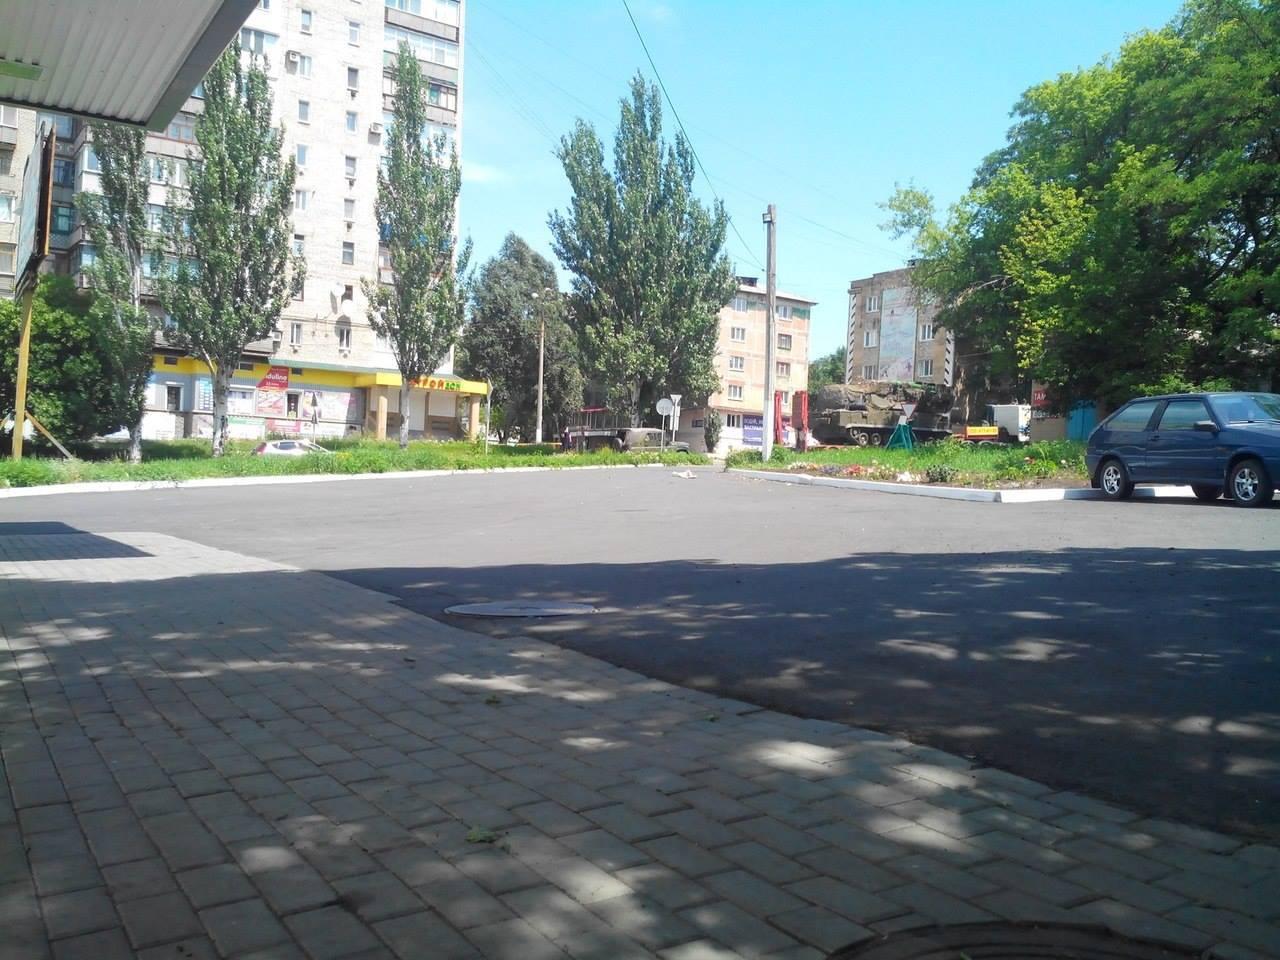 http://ic.pics.livejournal.com/mifromru/28210513/24210/24210_original.jpg